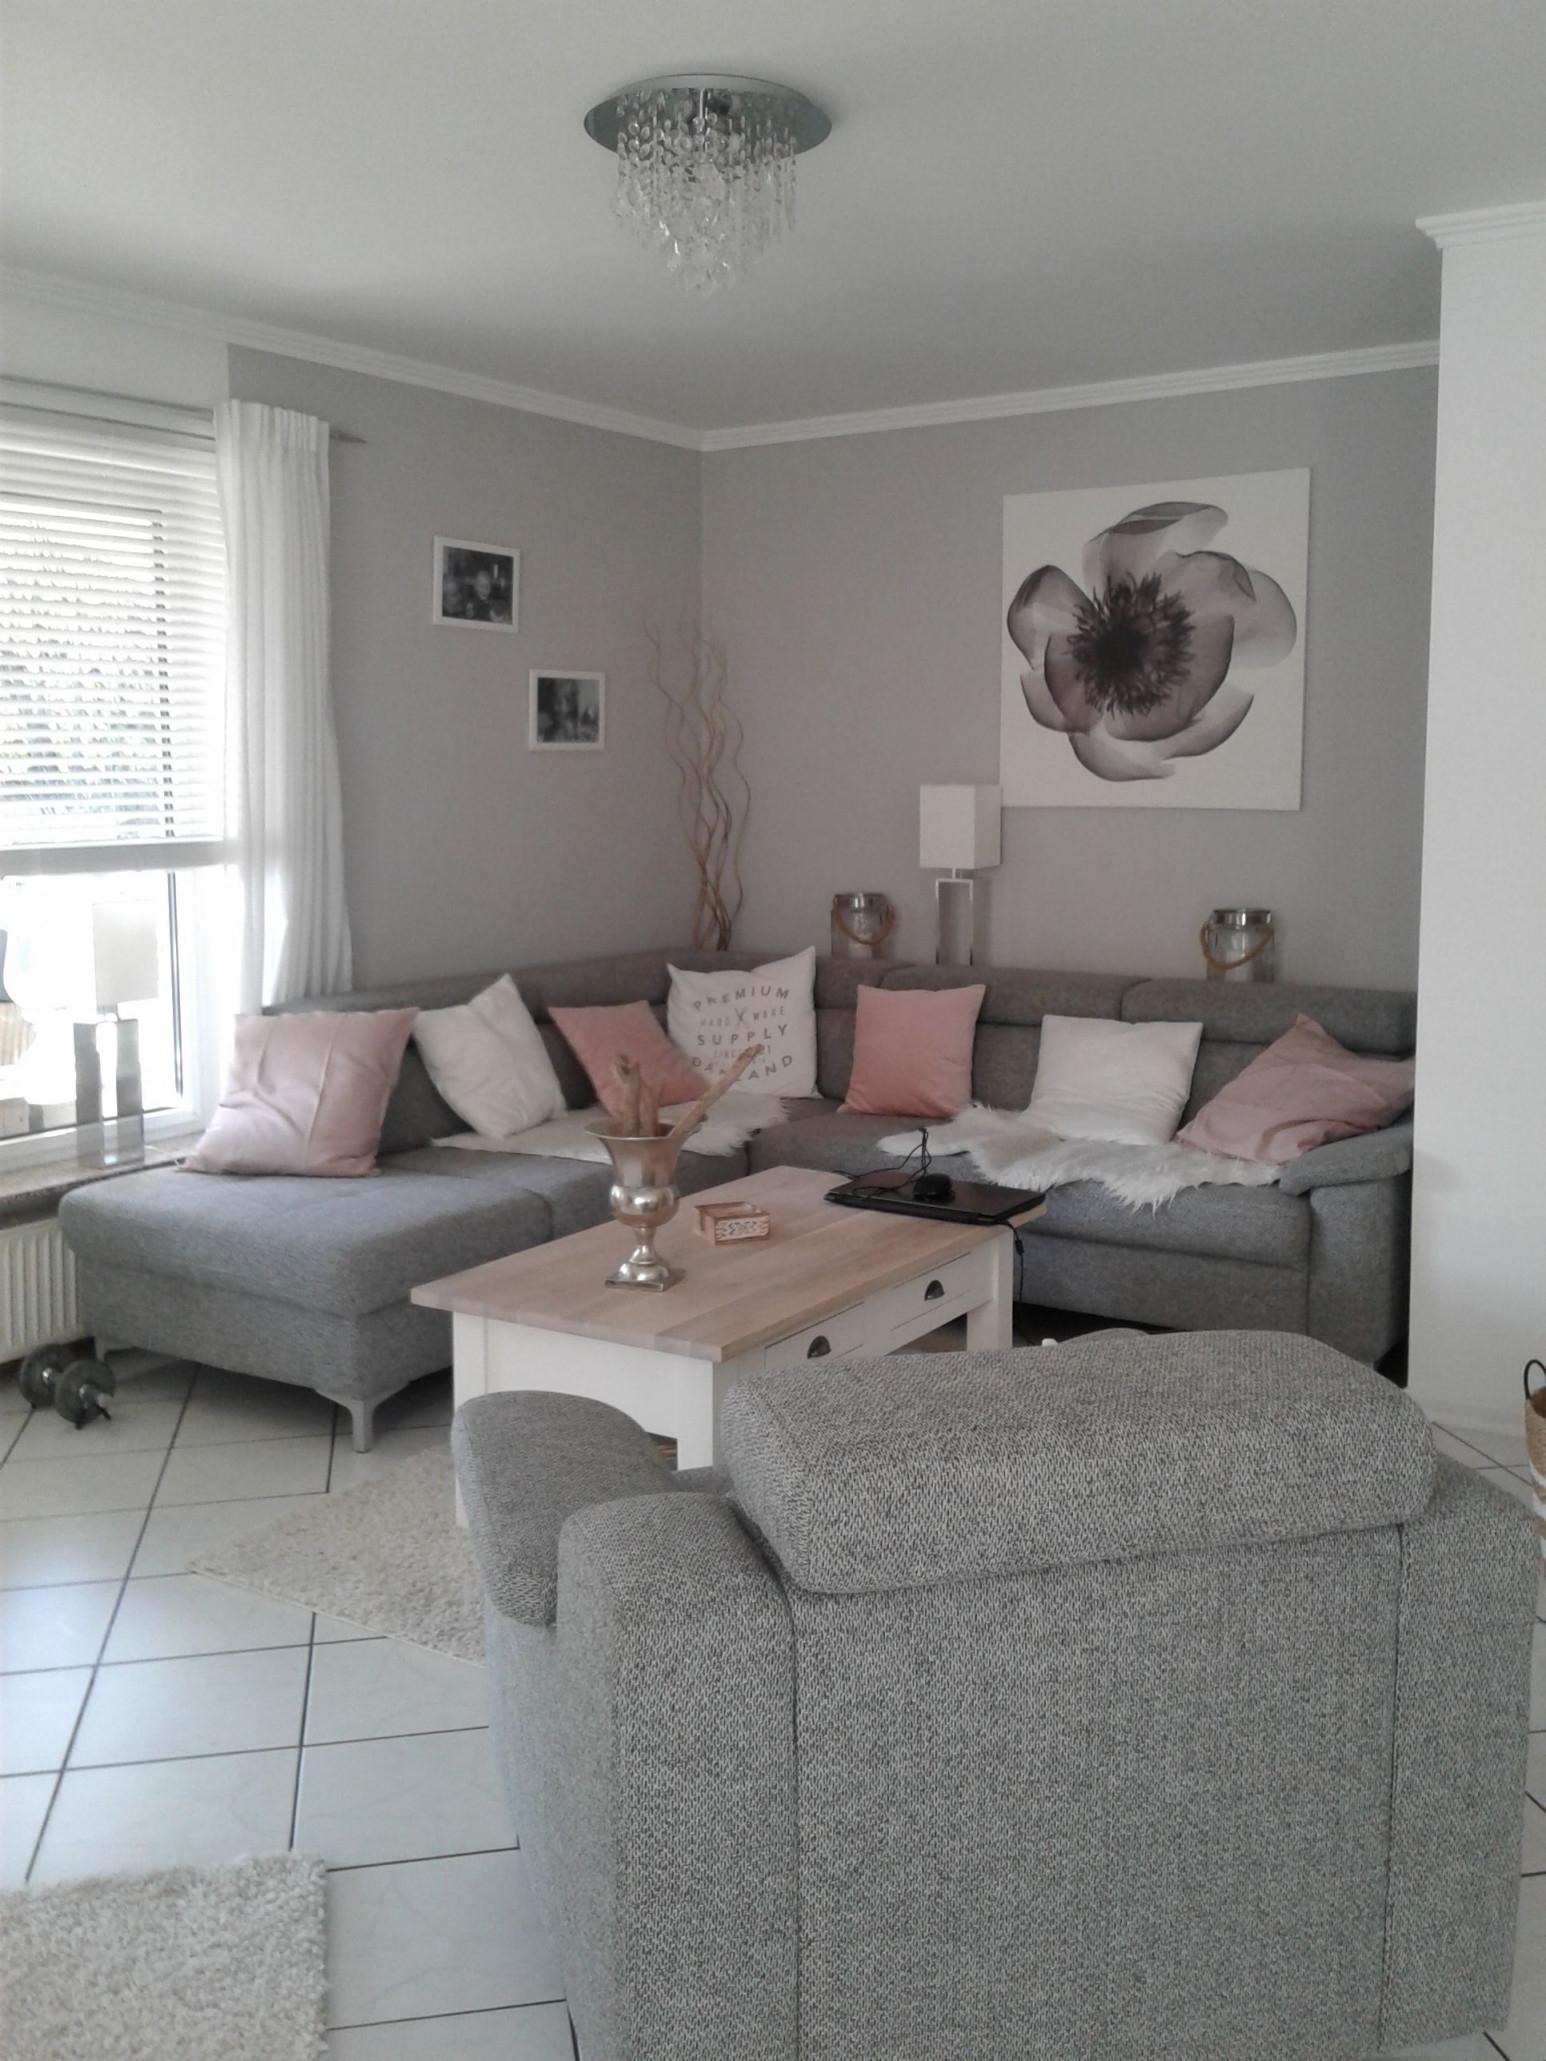 Wohnzimmer In Grau Weiß Und Farbtupfer In Matt Rosa von Wohnzimmer Ideen Rosa Grau Bild